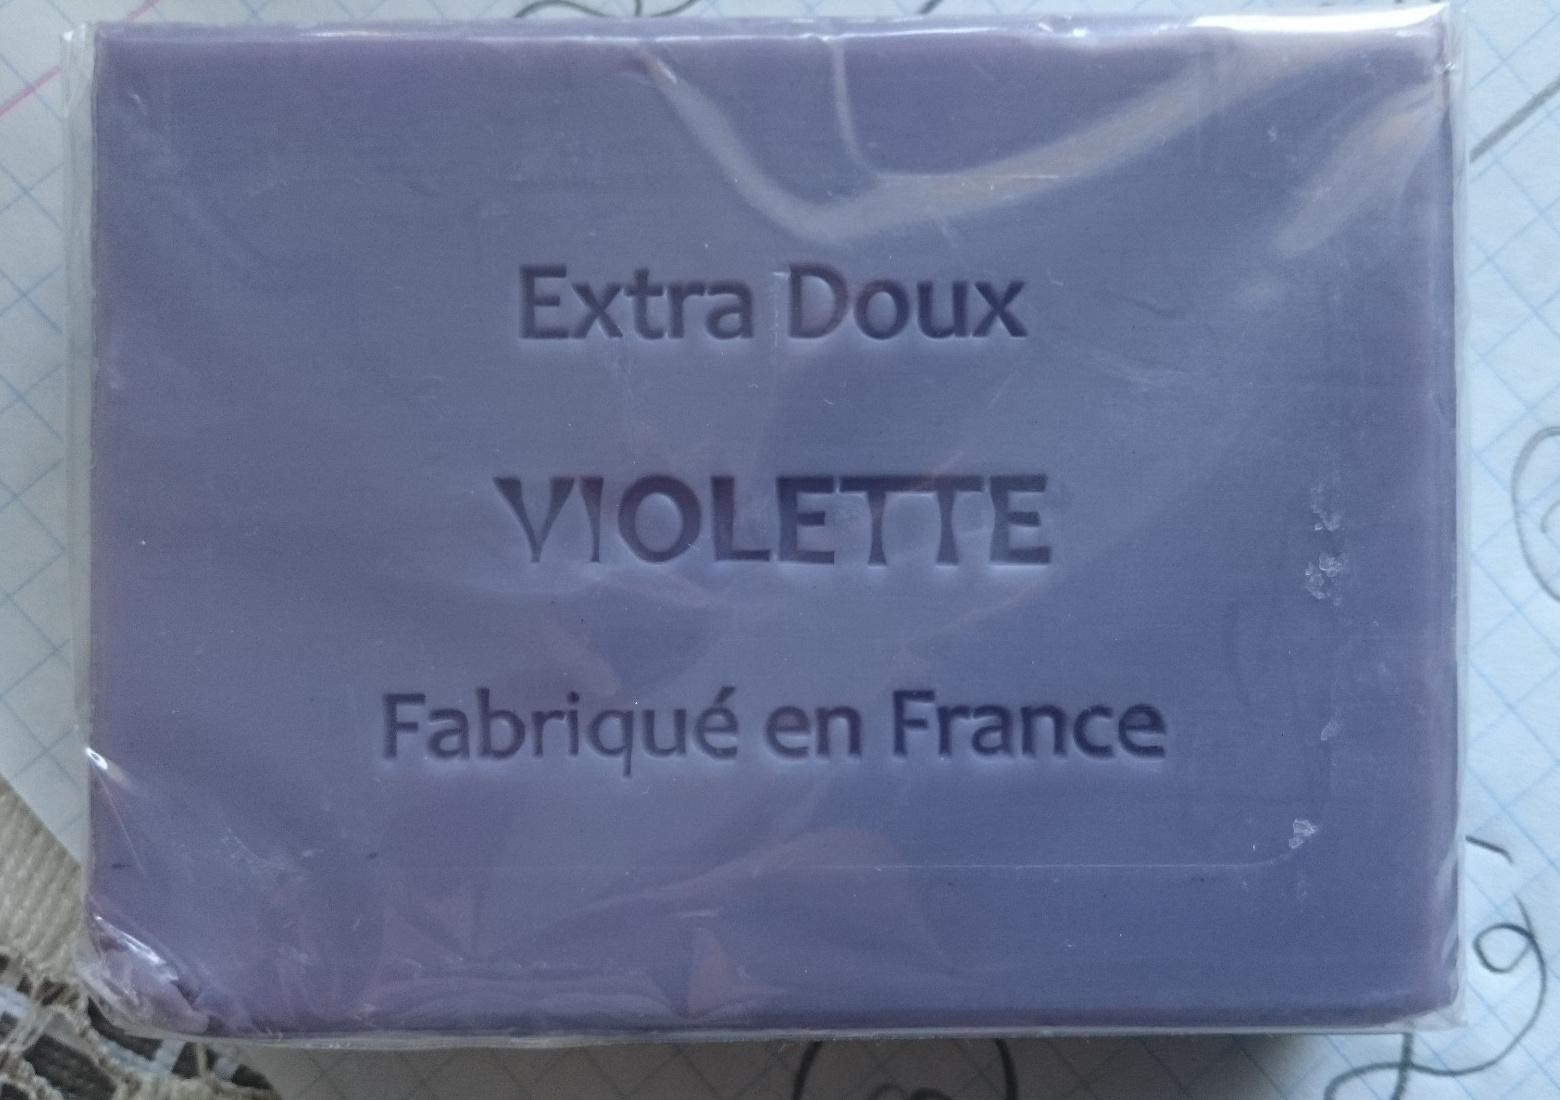 Savon Extra Doux Violette - Product - fr